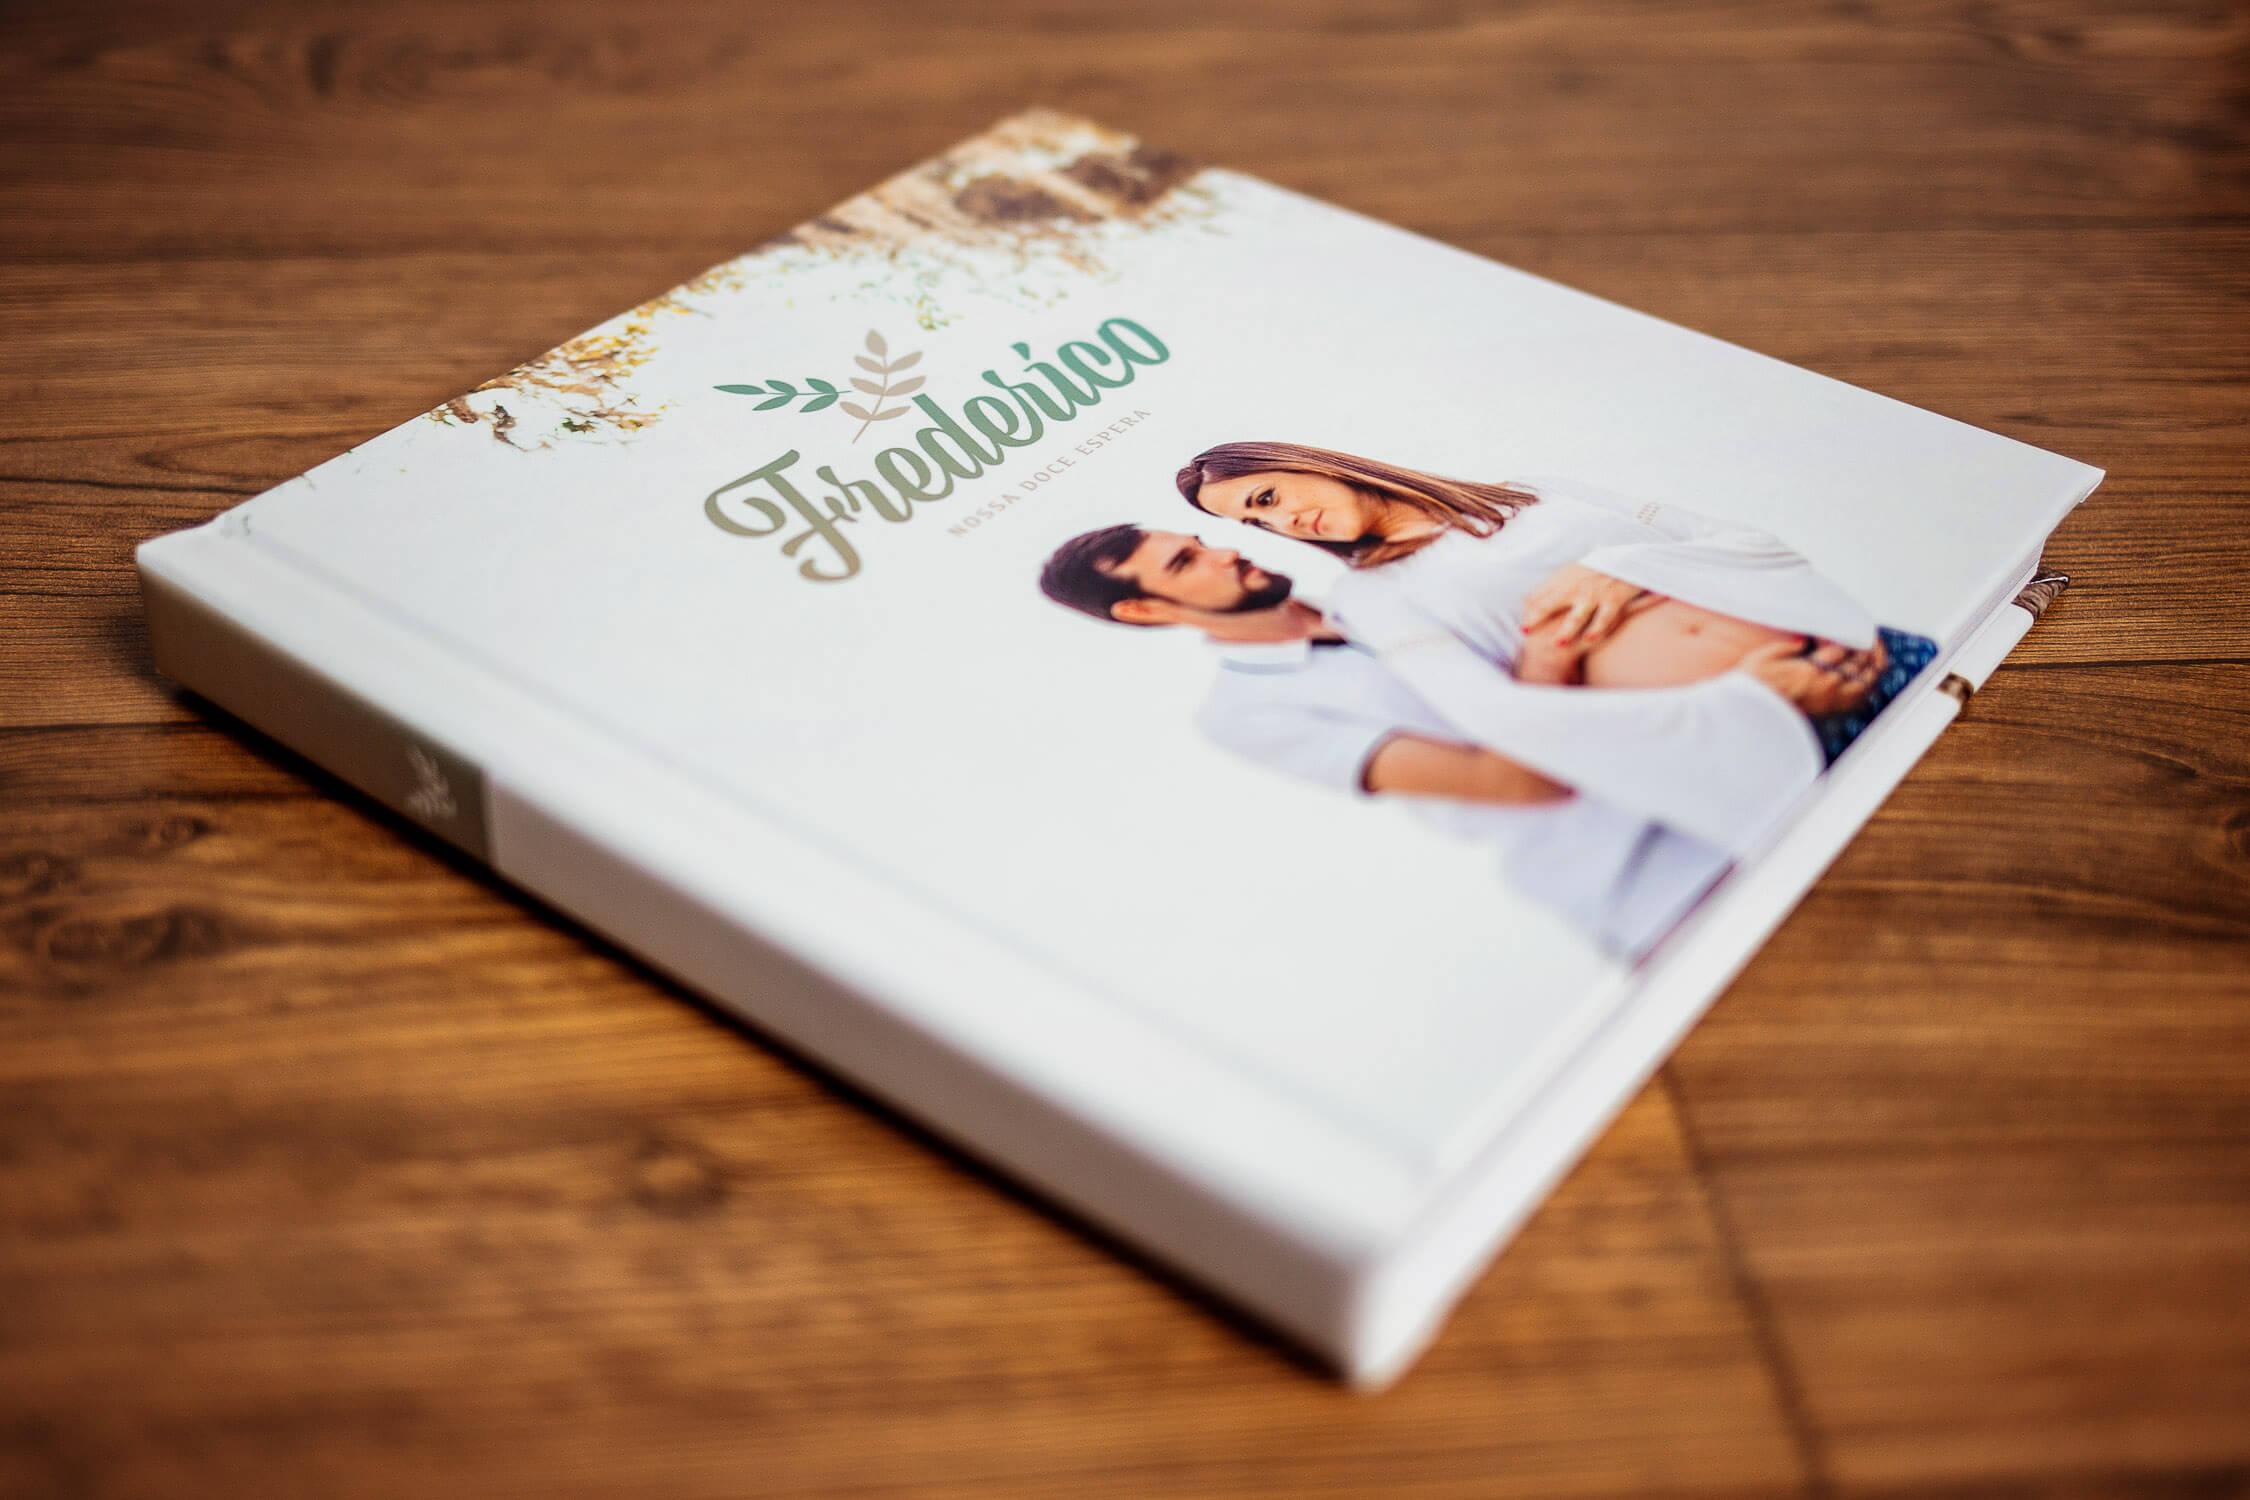 albuns-casamento-fotografia-ensaio-noivos-familia-weddingbook-photography-travel-photobook-3